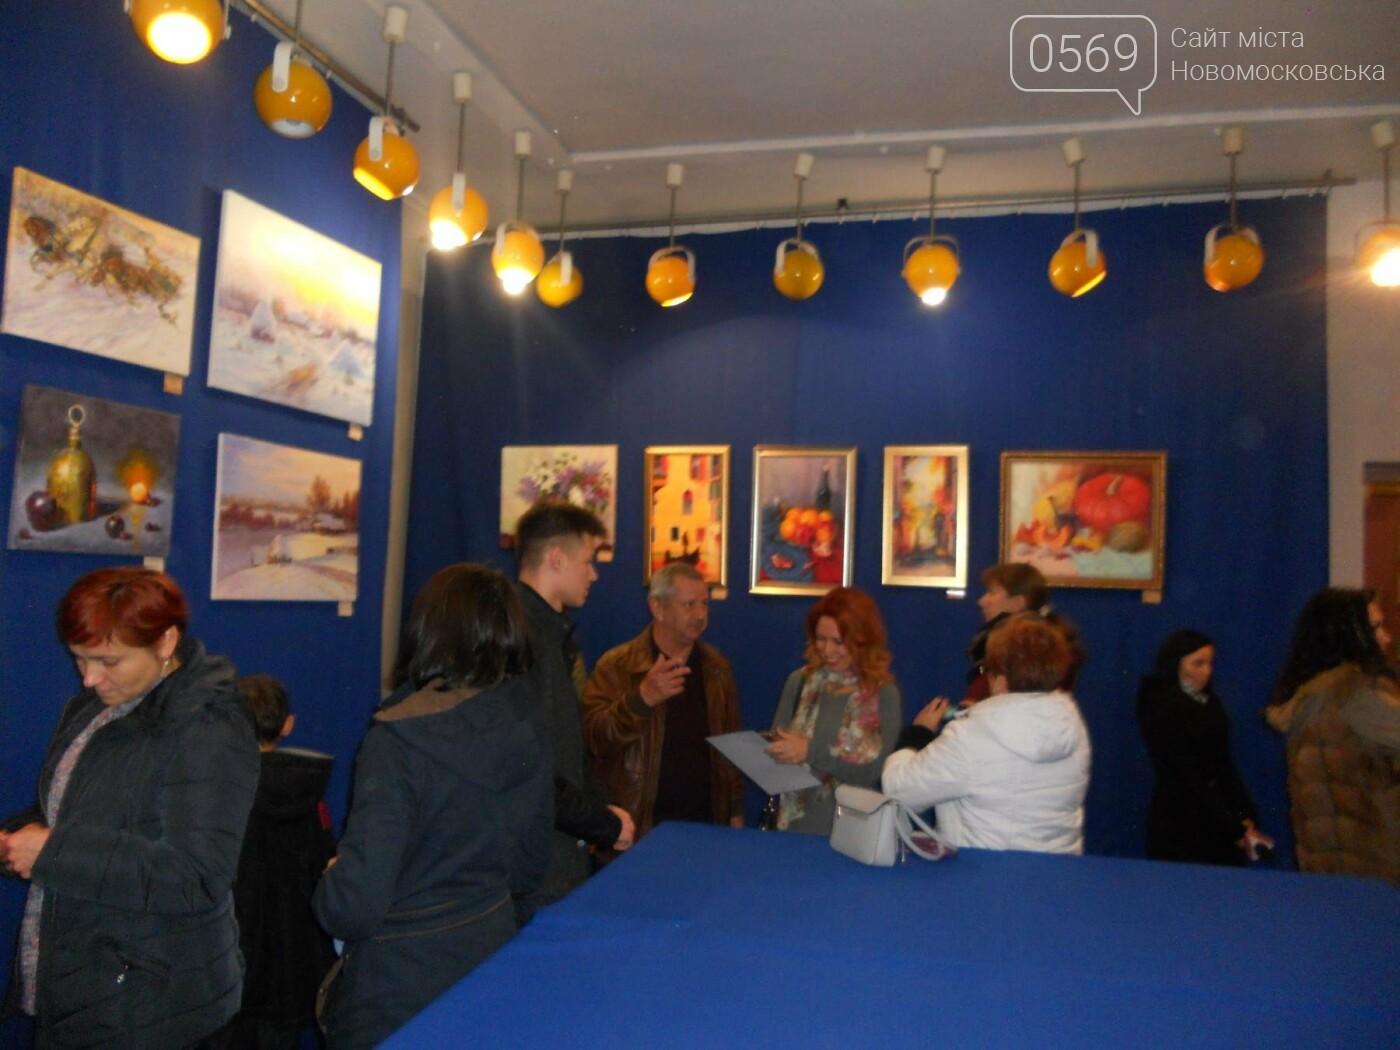 В Новомосковске открылась выставка молодых художников, фото-17